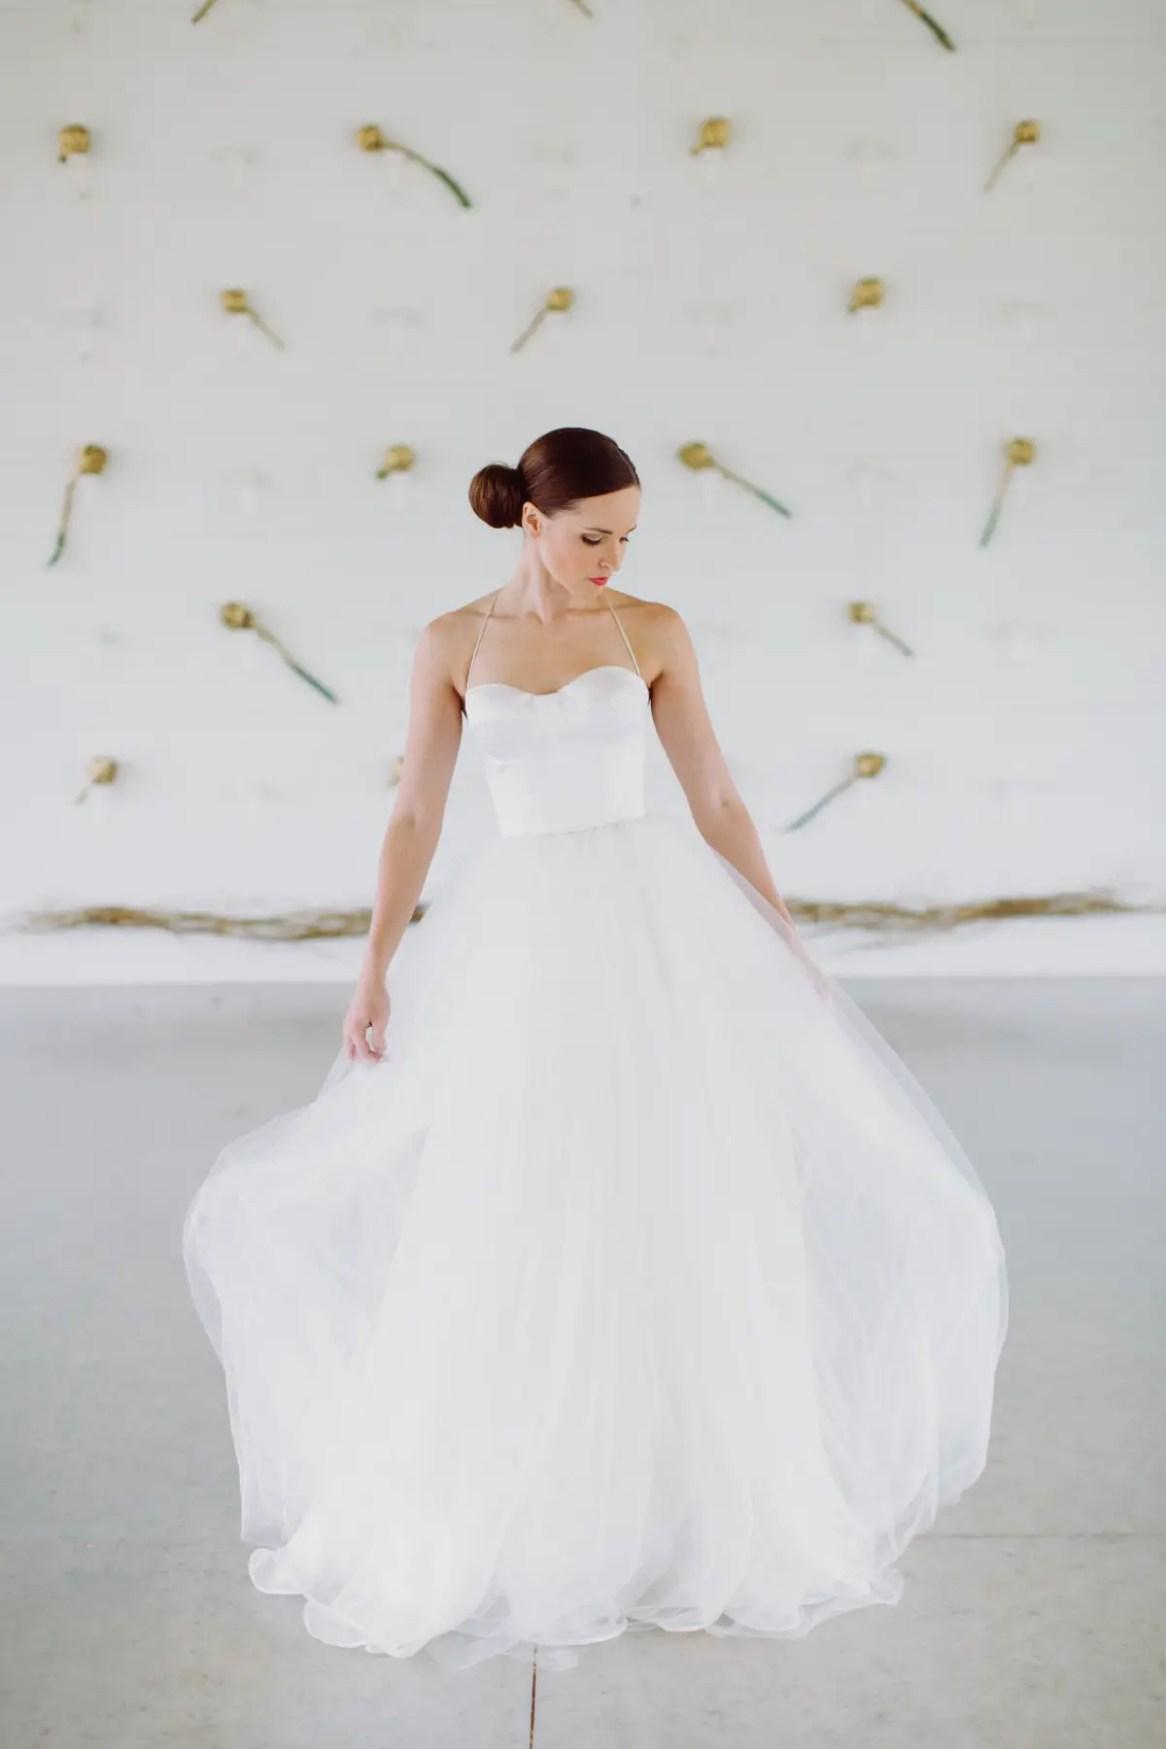 pas-de-deux-bridal-gowns-shoot-austin-005